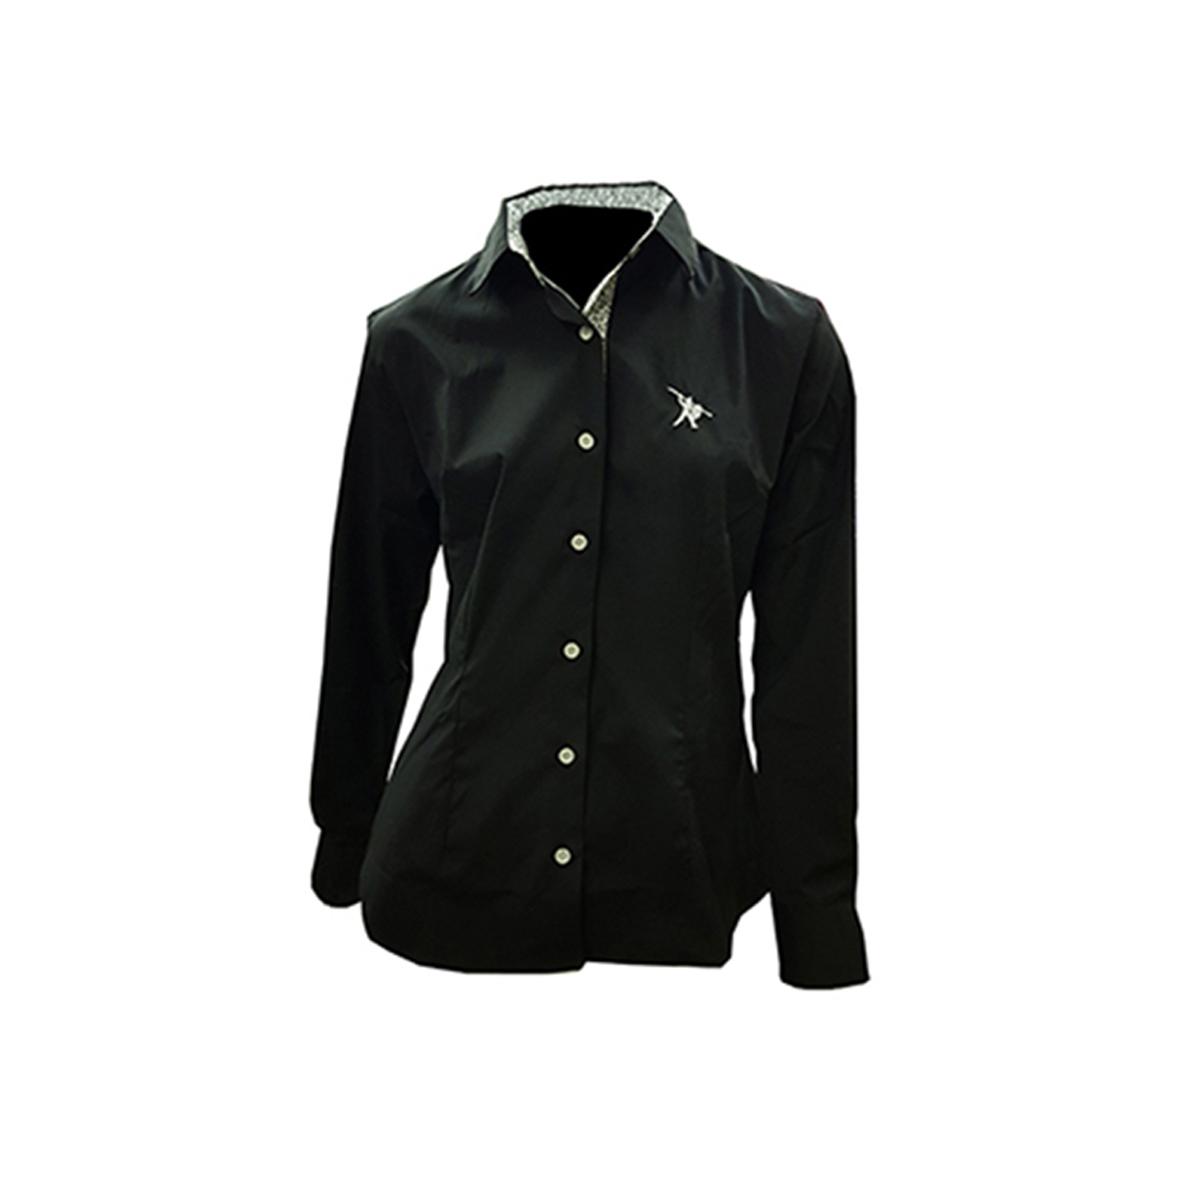 Camisa Social Feminina Preto com Flor e logo Bordado